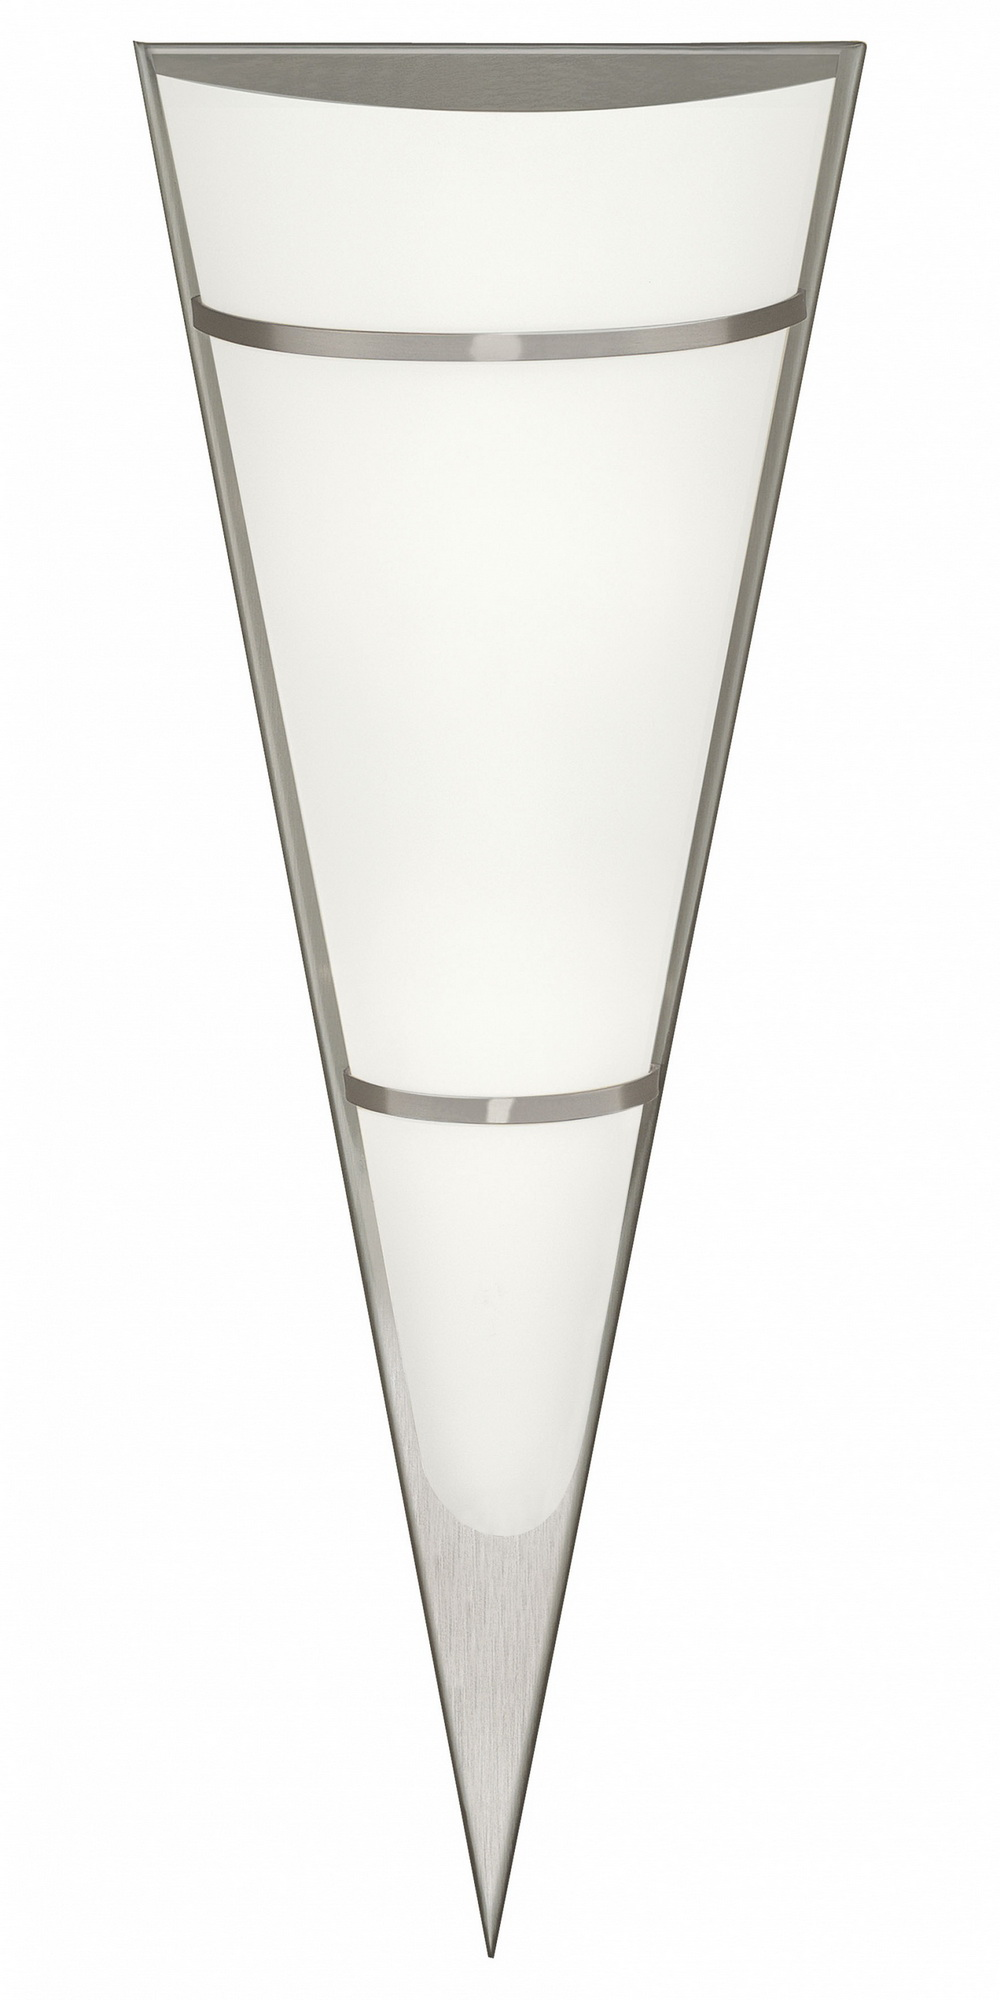 Светильник настенно-потолочный EgloСветильники настенно-потолочные<br>Мощность: 60,<br>Количество ламп: 1,<br>Назначение светильника: для комнаты,<br>Стиль светильника: модерн,<br>Материал светильника: металл, стекло,<br>Тип лампы: накаливания,<br>Длина (мм): 220,<br>Ширина: 700,<br>Патрон: Е27,<br>Цвет арматуры: матовый никель,<br>Вес нетто: 1.777<br>